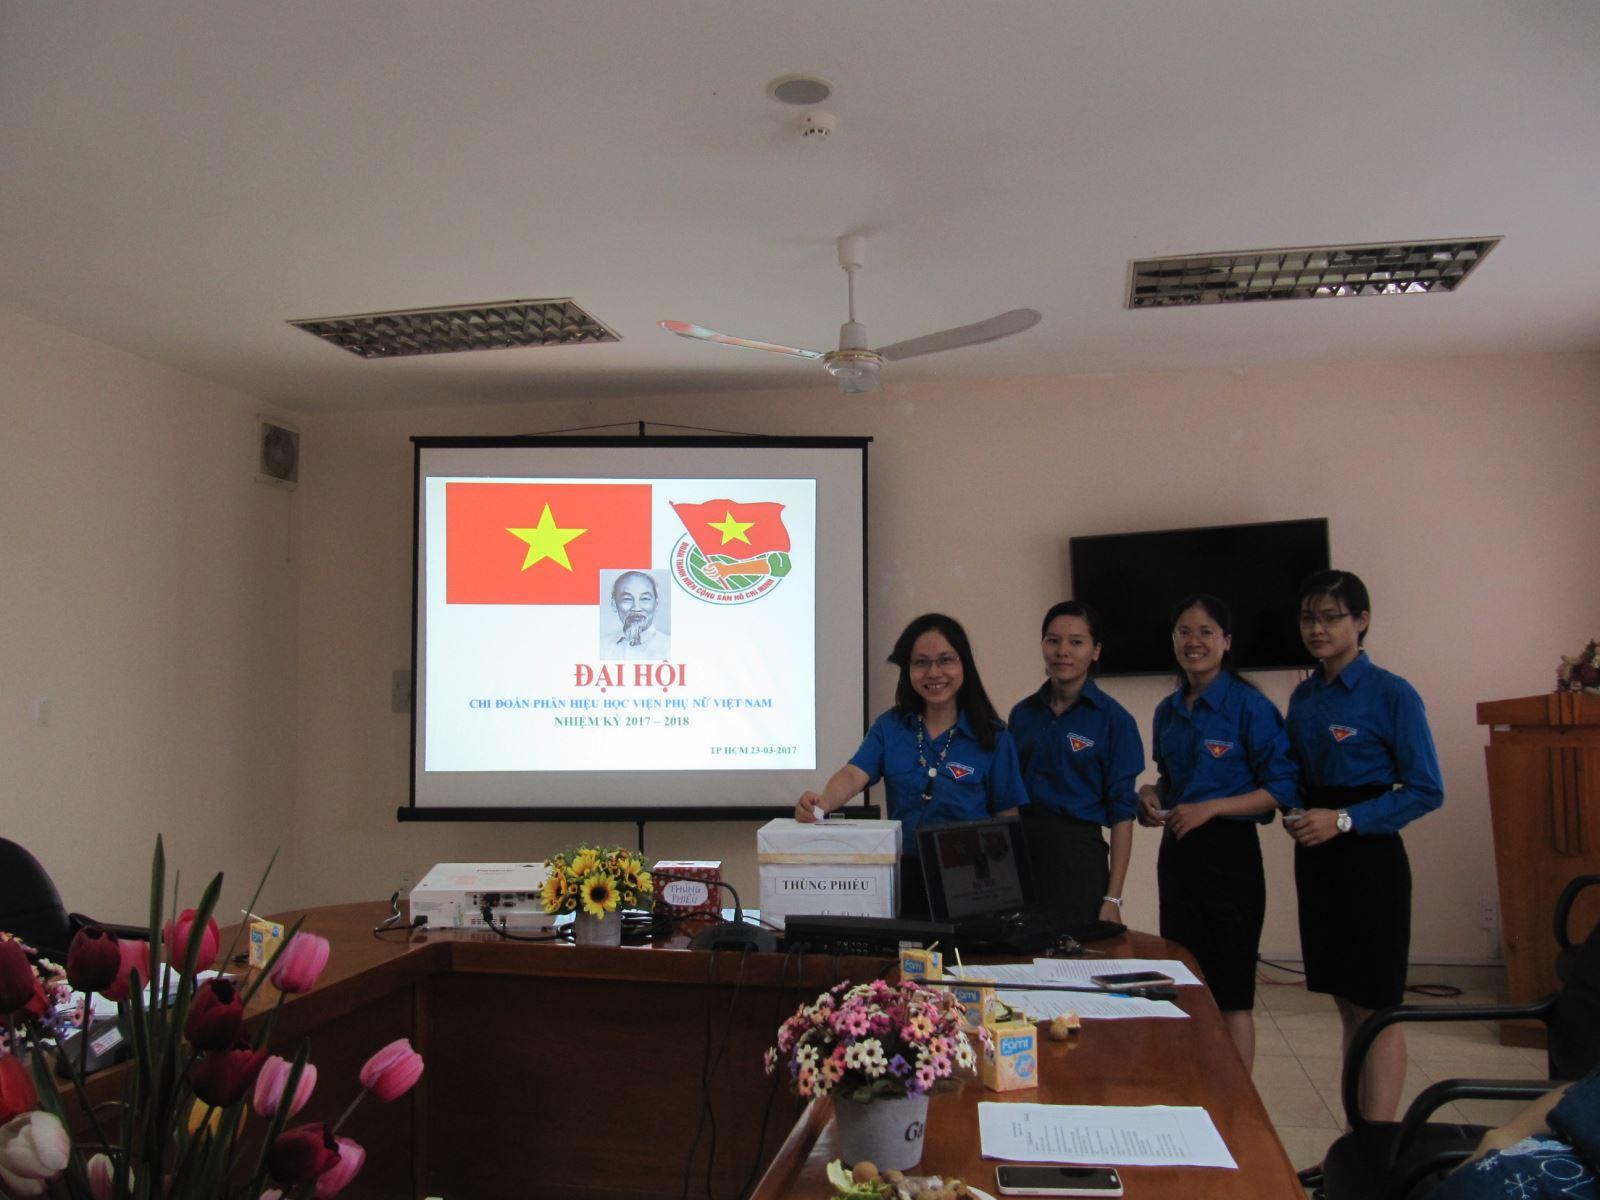 Đại hội đại biểu đoàn thanh niên cộng sản hồ chí minh phân hiệu học viện phụ nữ Việt Nam nhiệm kỳ  2017-2019